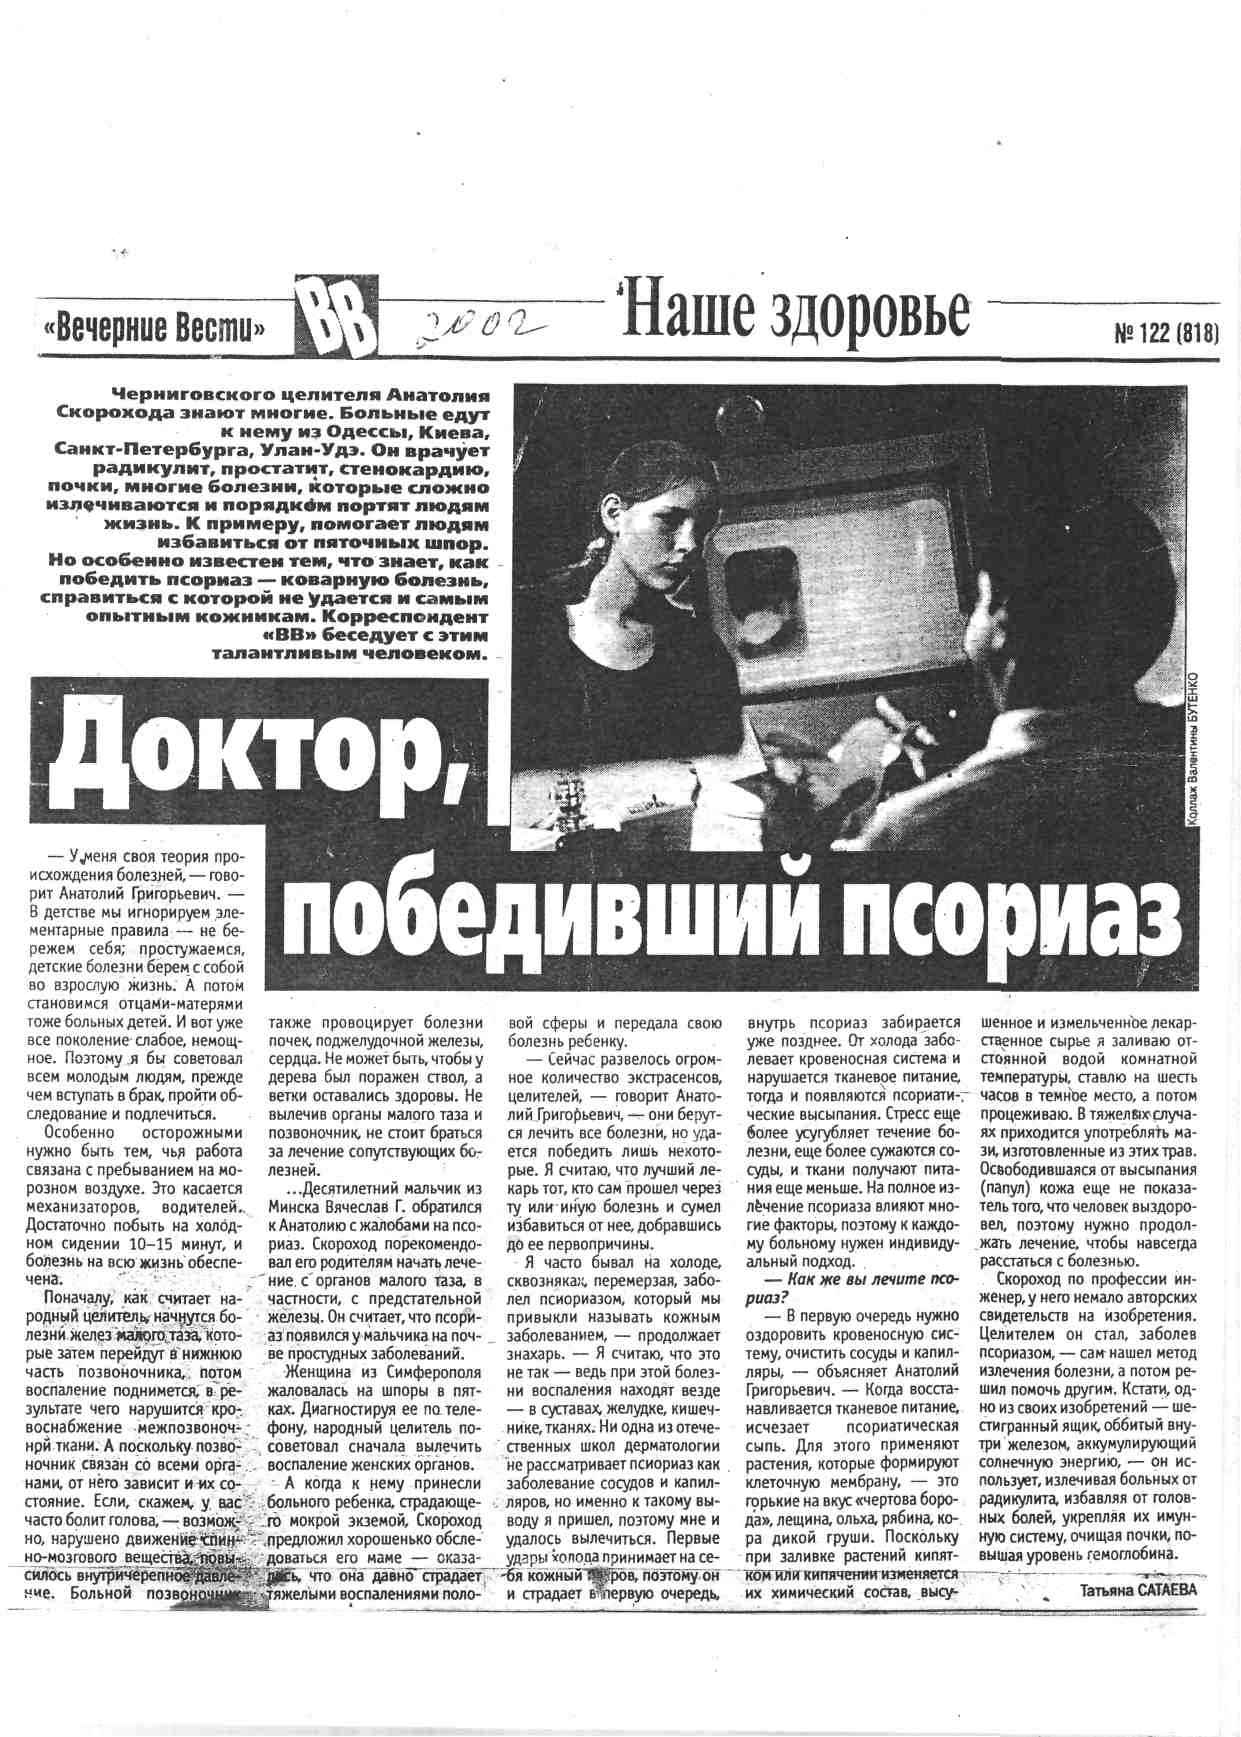 metod-lecheniya-psoriaza-anatoliya-skorohoda